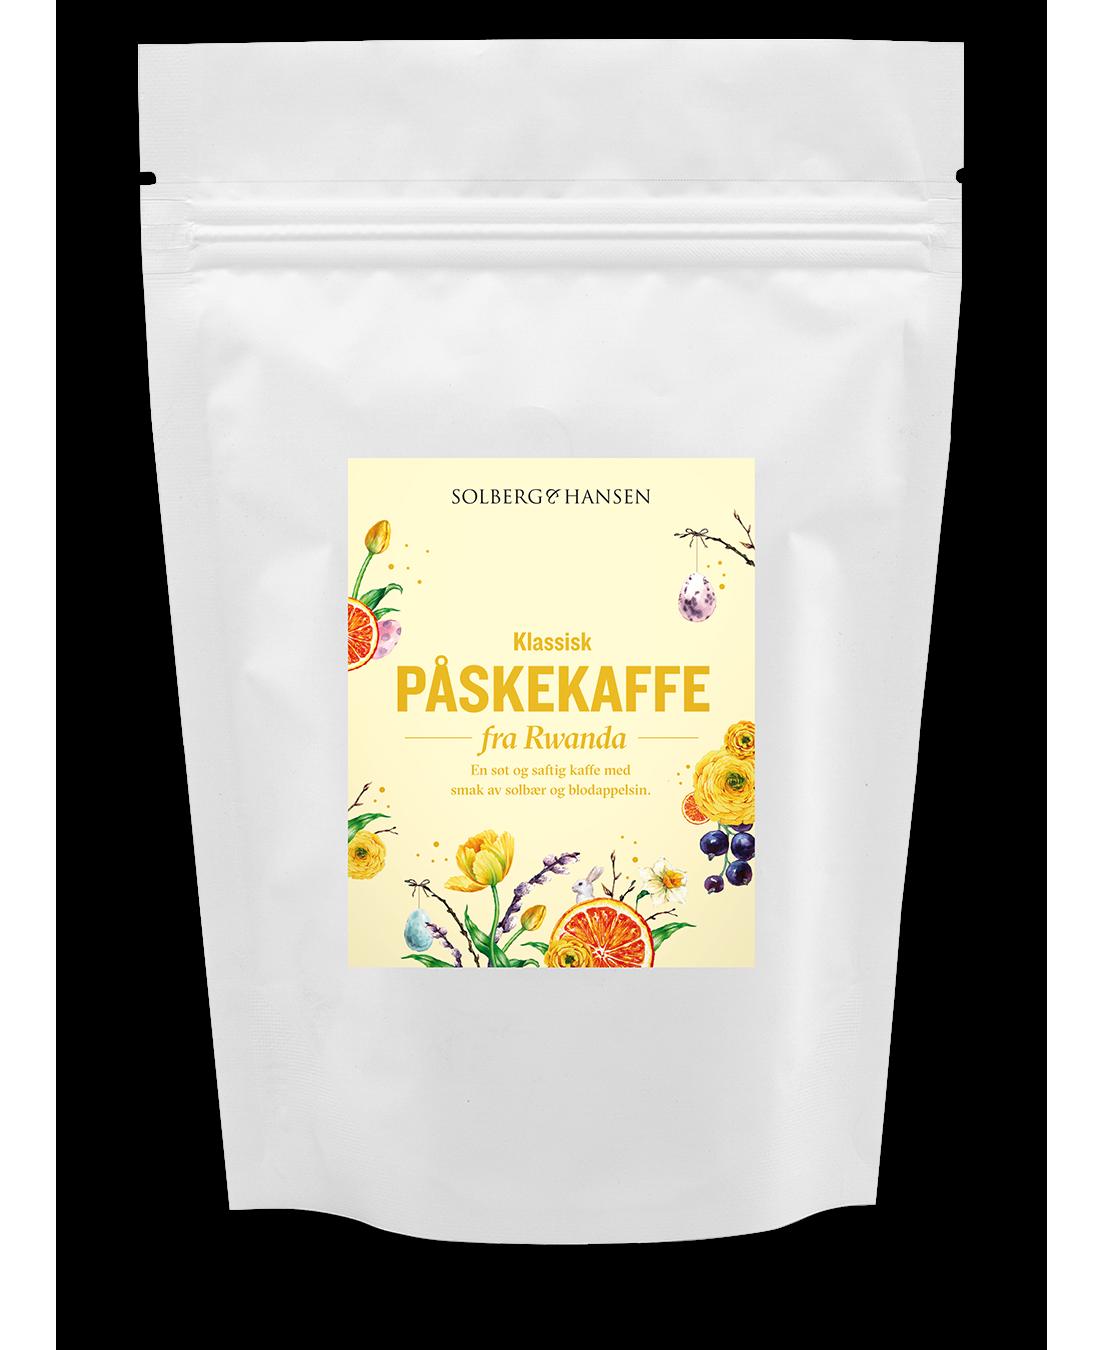 Solberg & Hansen Klassisk påskekaffe